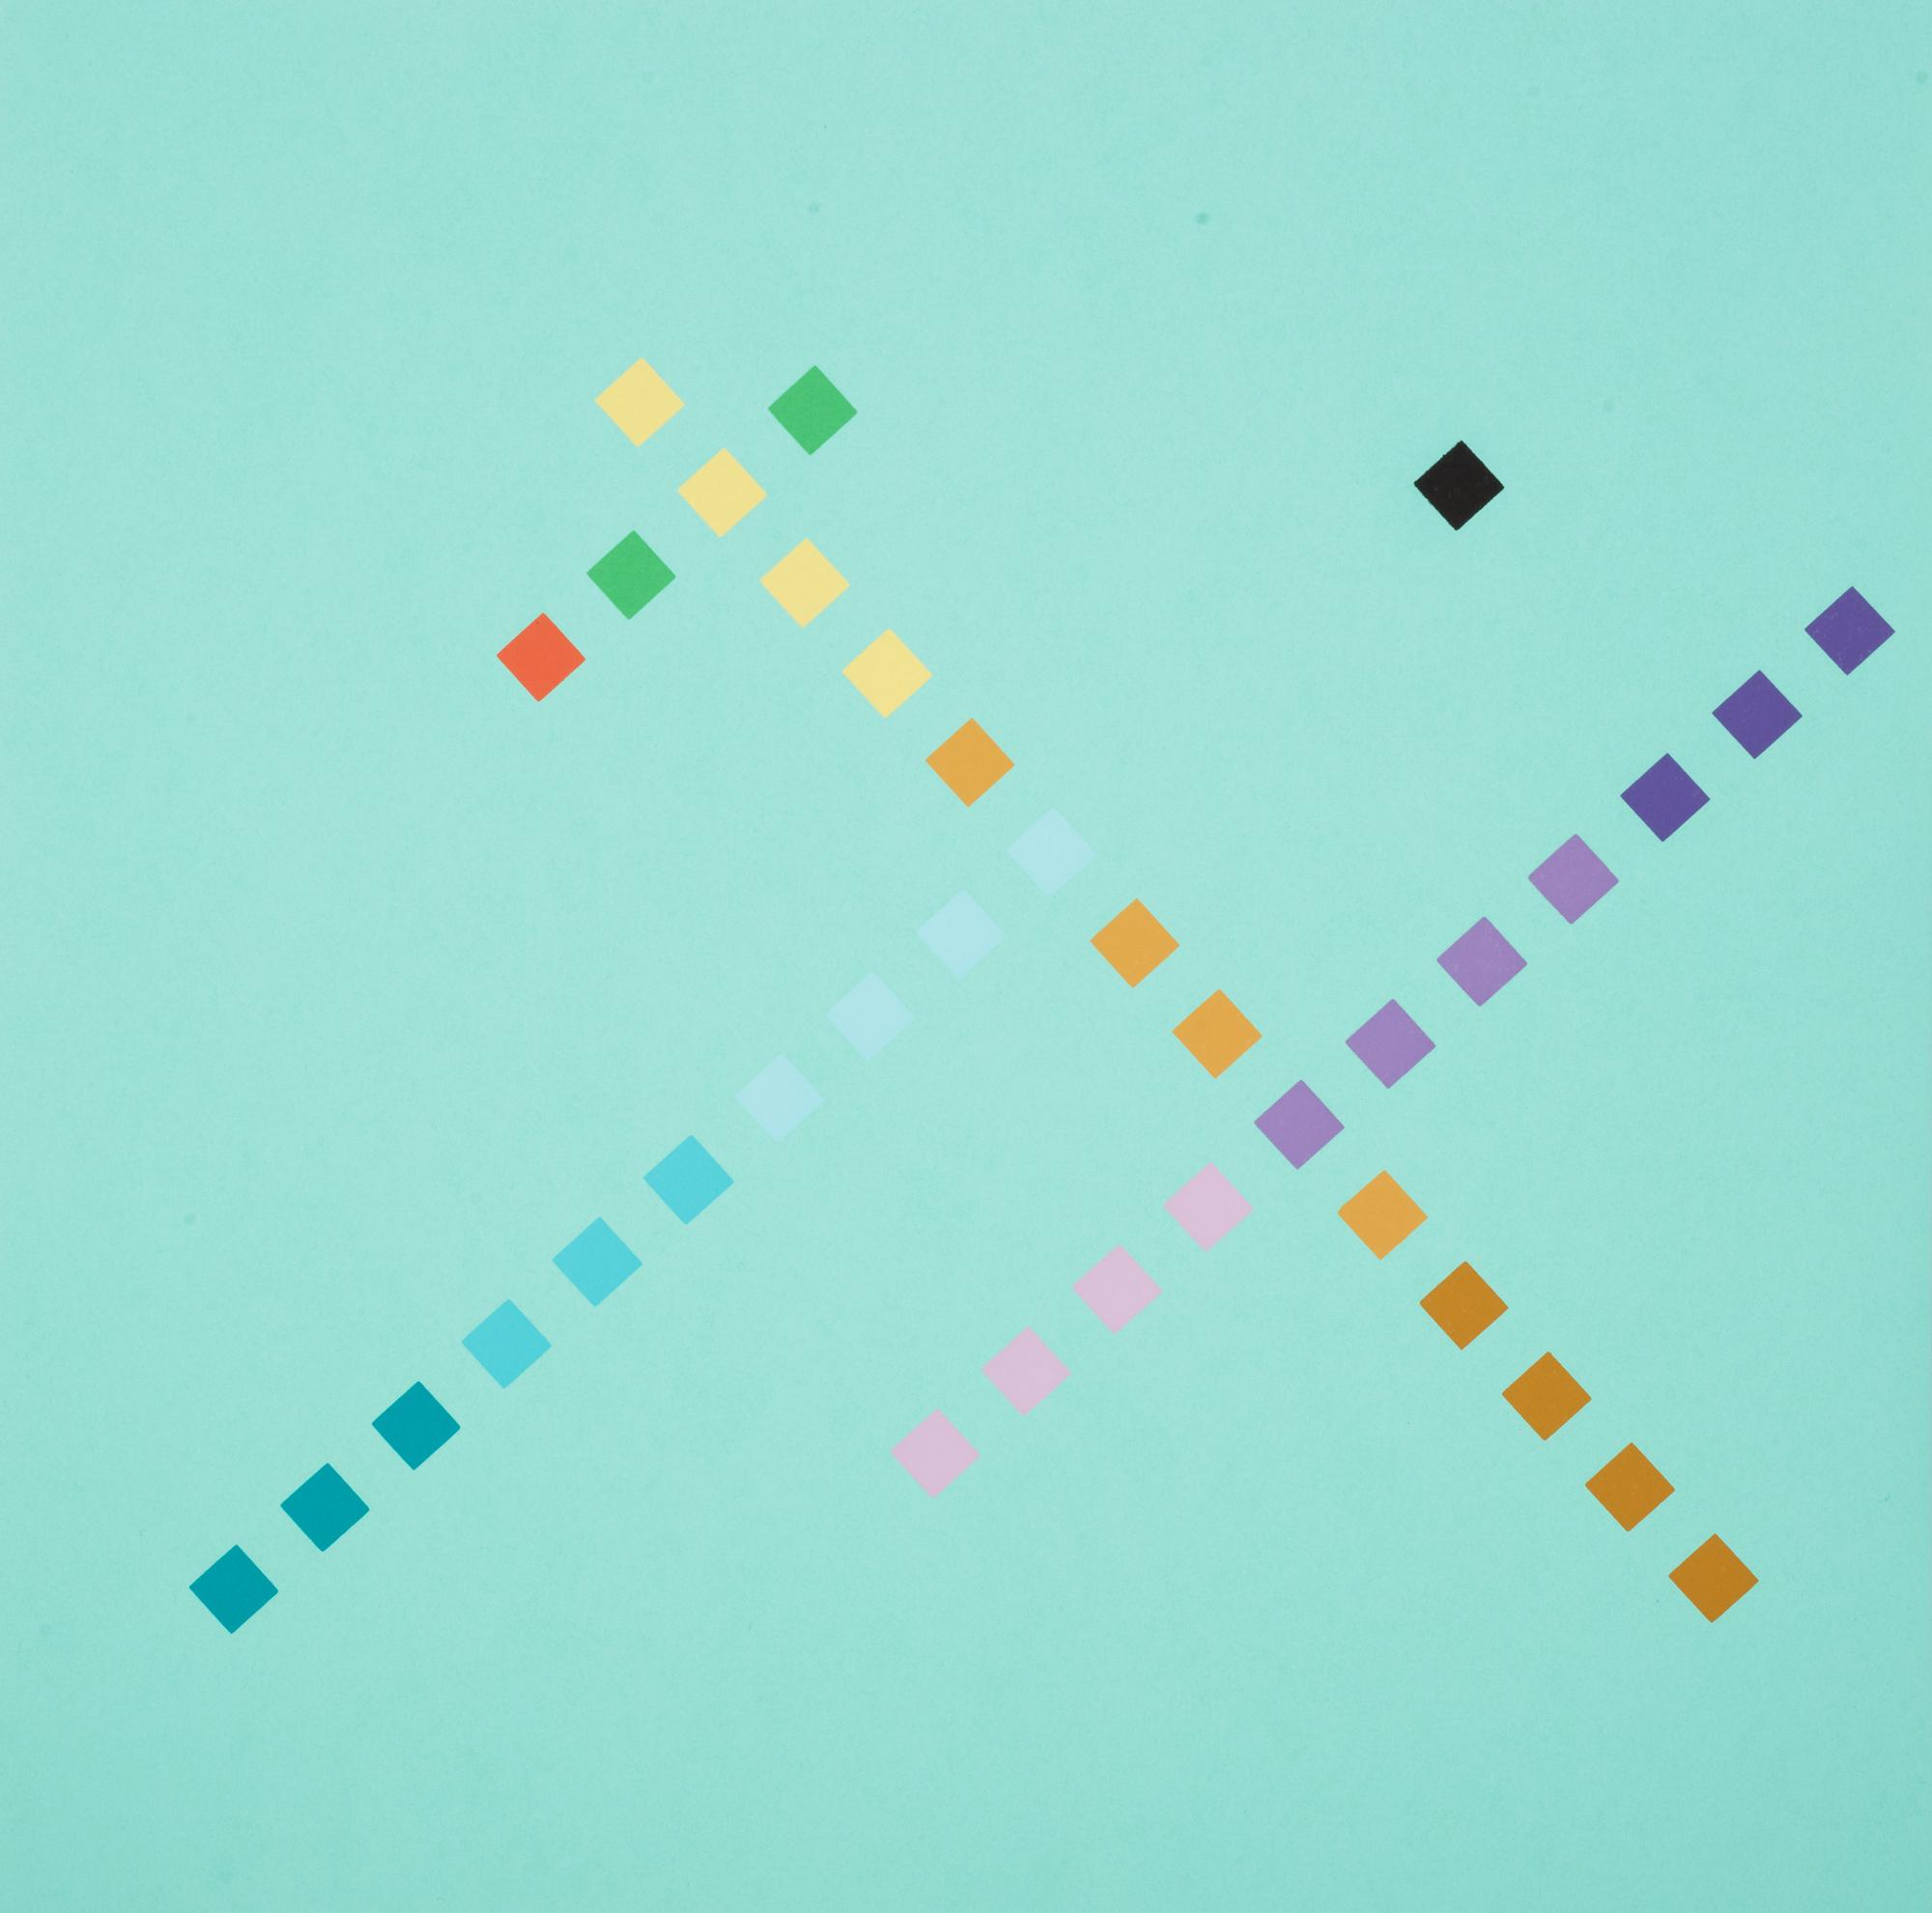 Colore – forma spaziocondizionanti:  l'immagine costruita